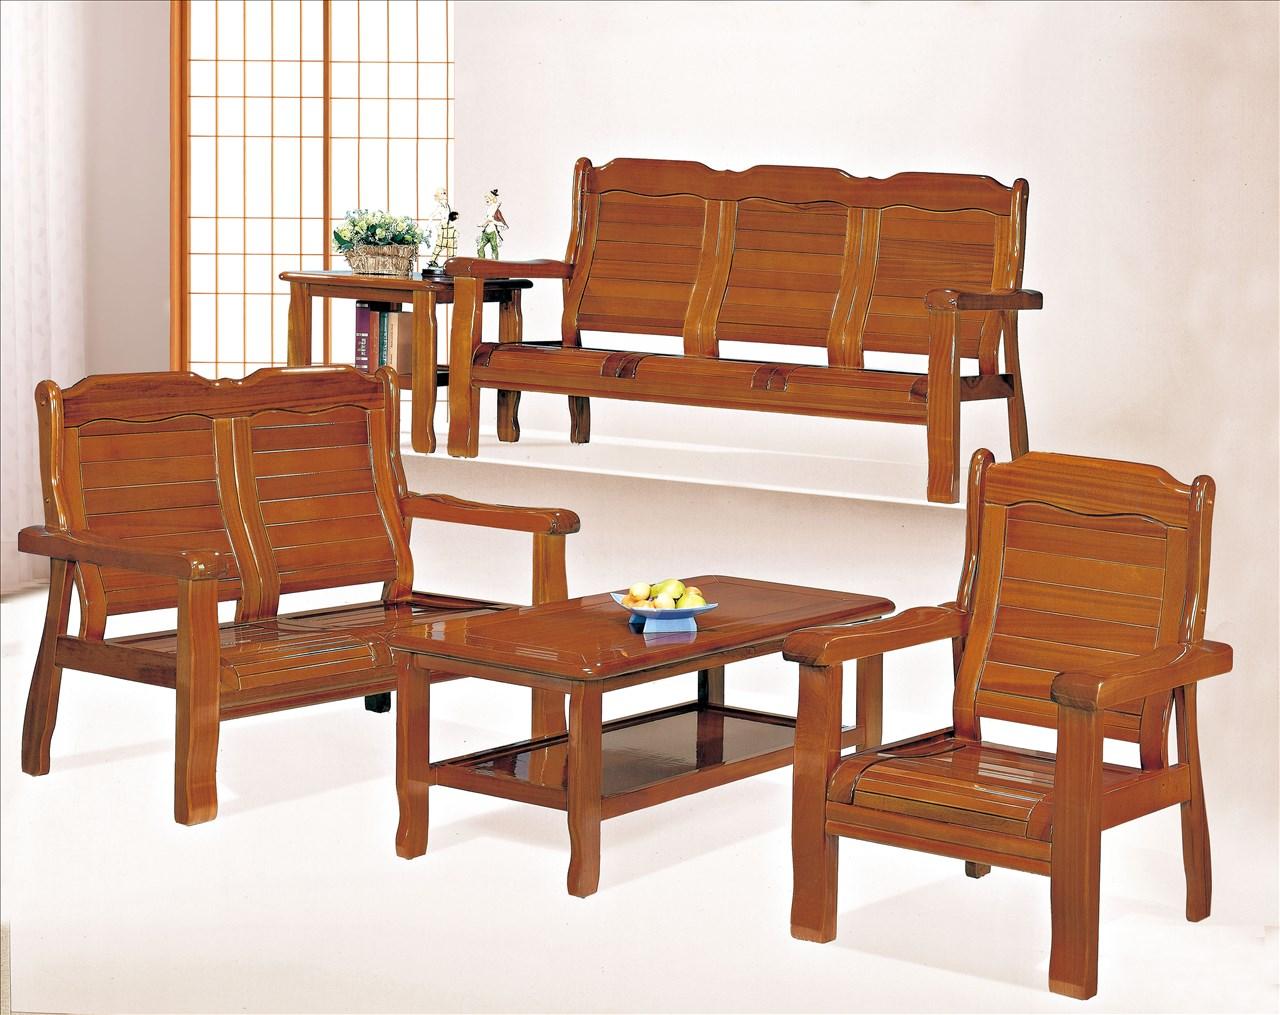 【石川家居】EF-188-8 518型樟木色雙人椅 (不含其他商品) 需搭配車趟